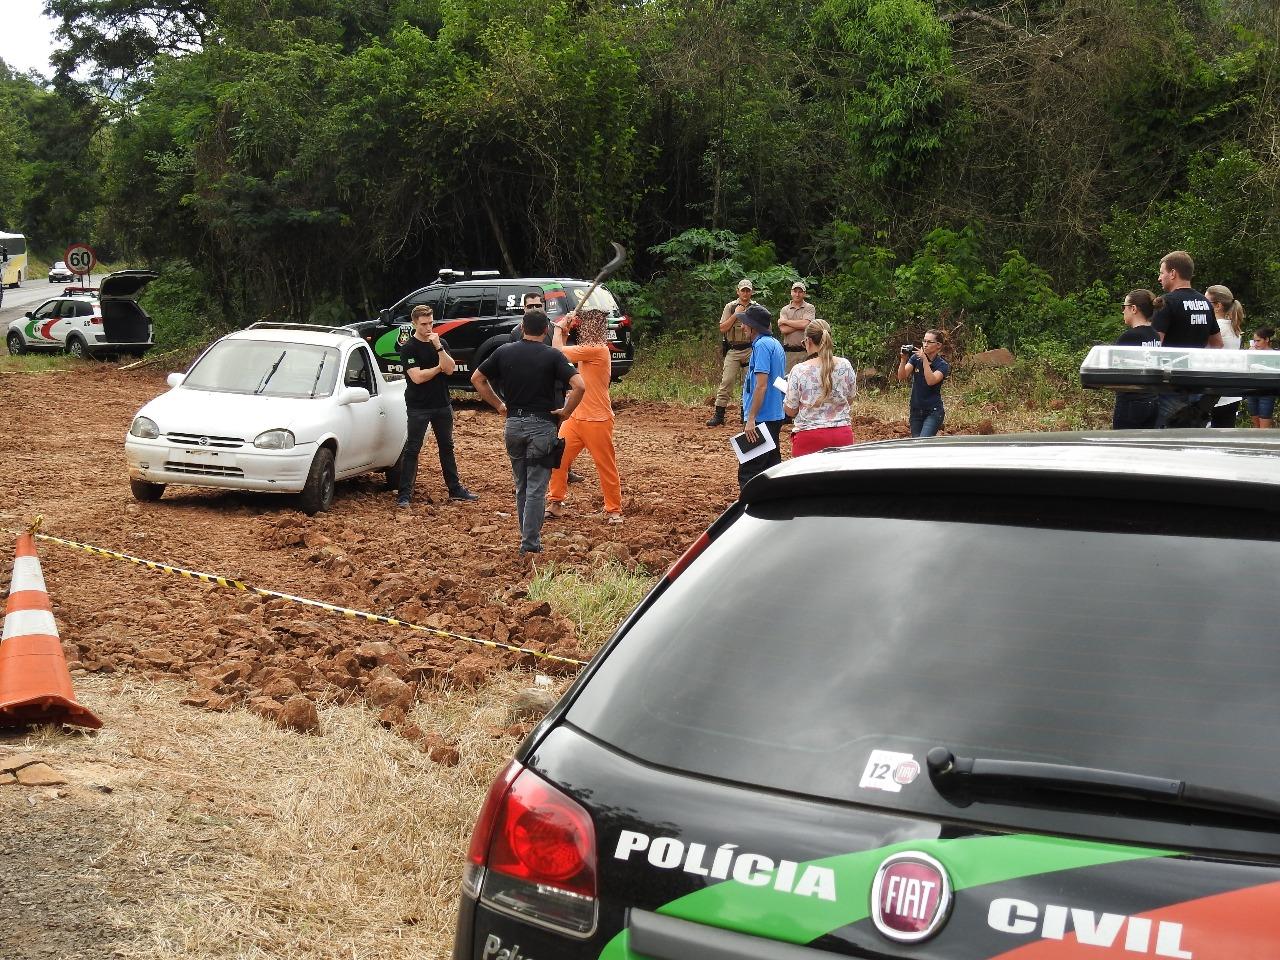 Polícia Civil e IGP realizam reprodução simulada de homicídio em Iraceminha